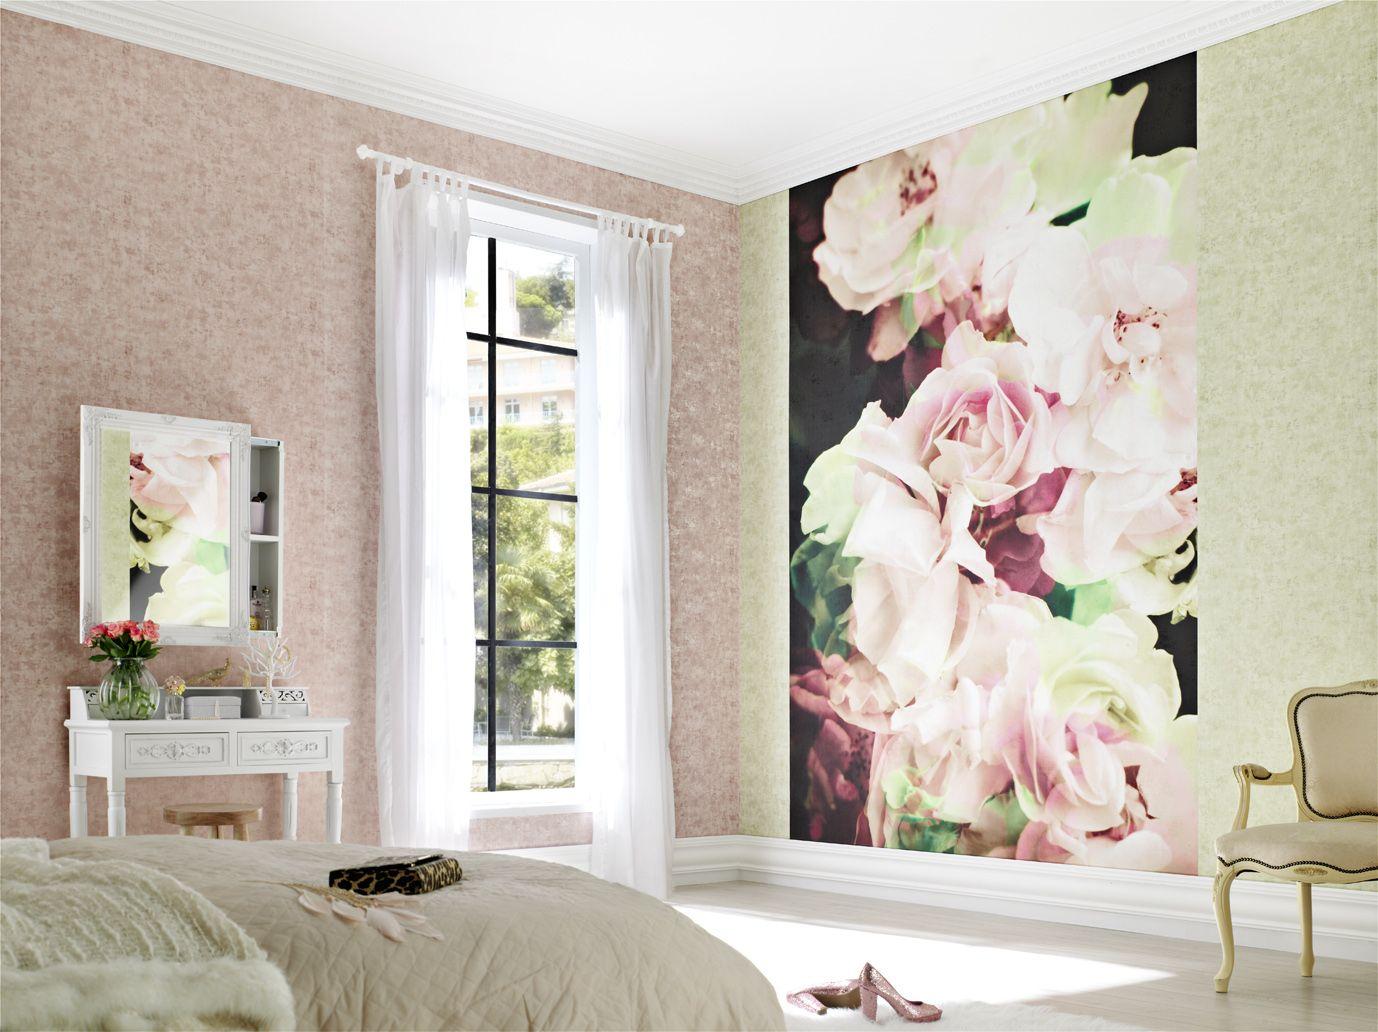 Avando 2014 Wallpaper Collection By Rasch For The International Market Www Rasch Tapeten De Rasch Wallpaper Decor